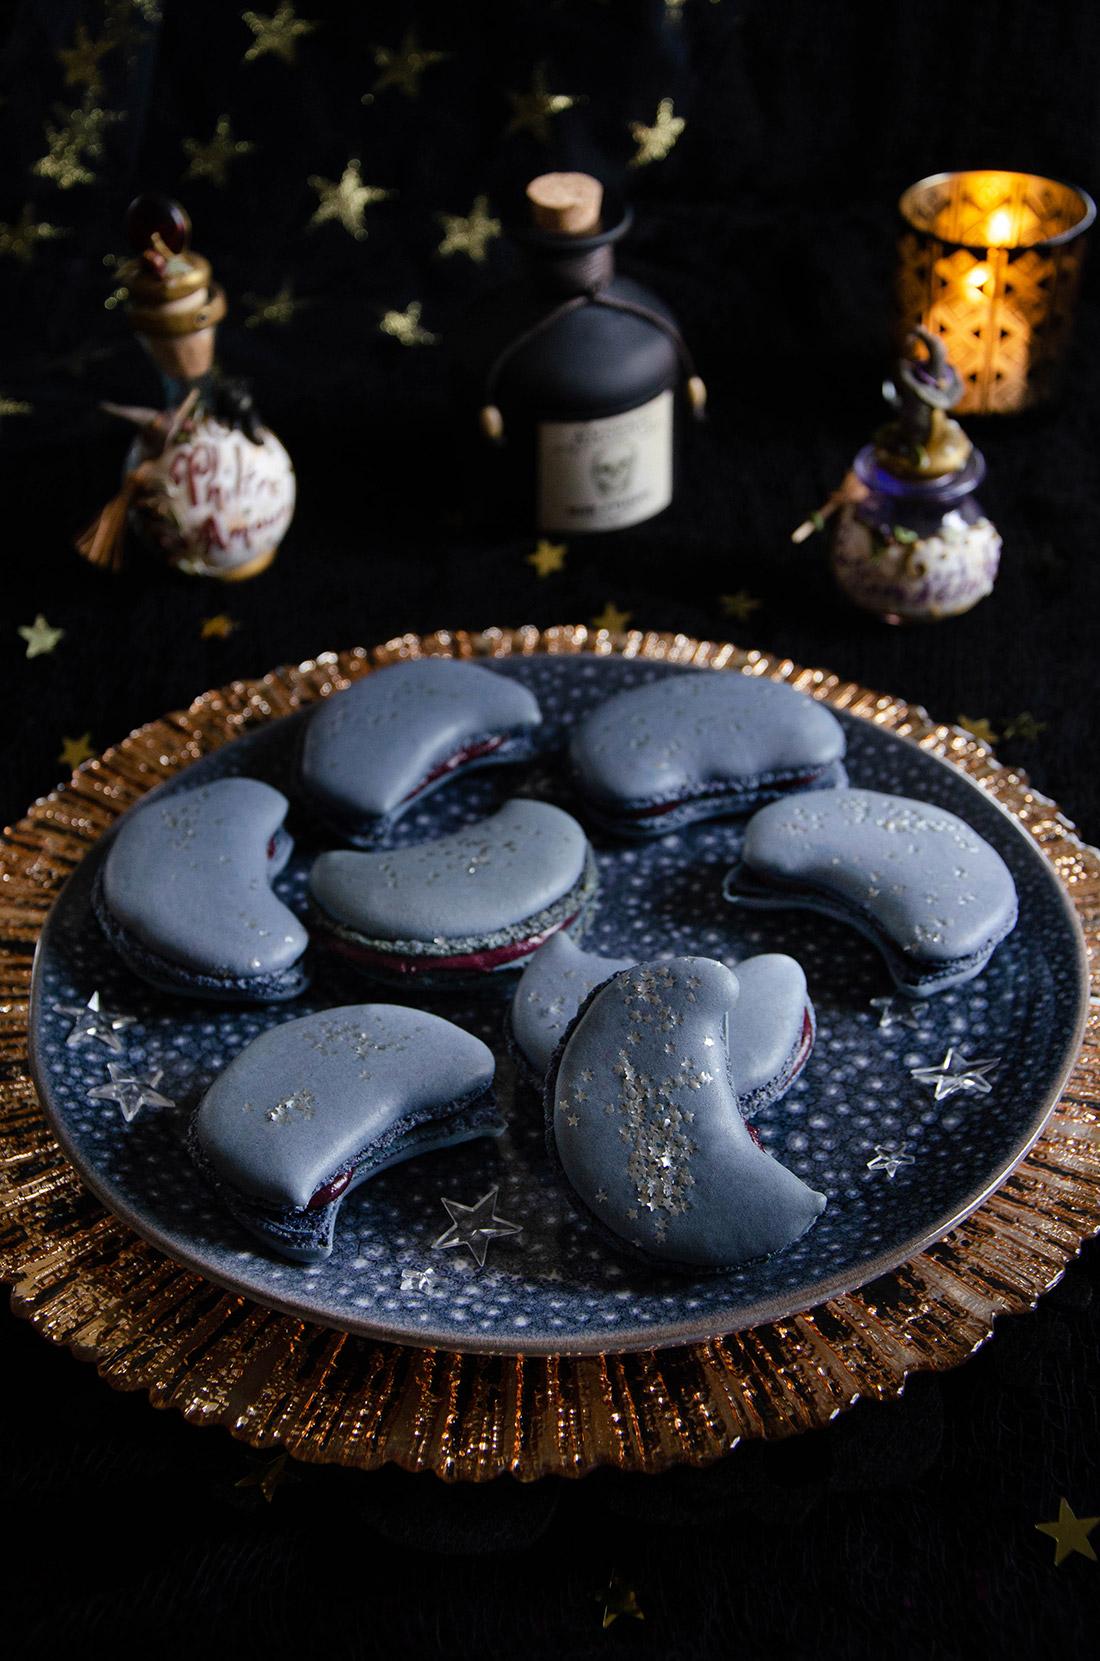 Macarons au cassis en forme de lune pour Halloween